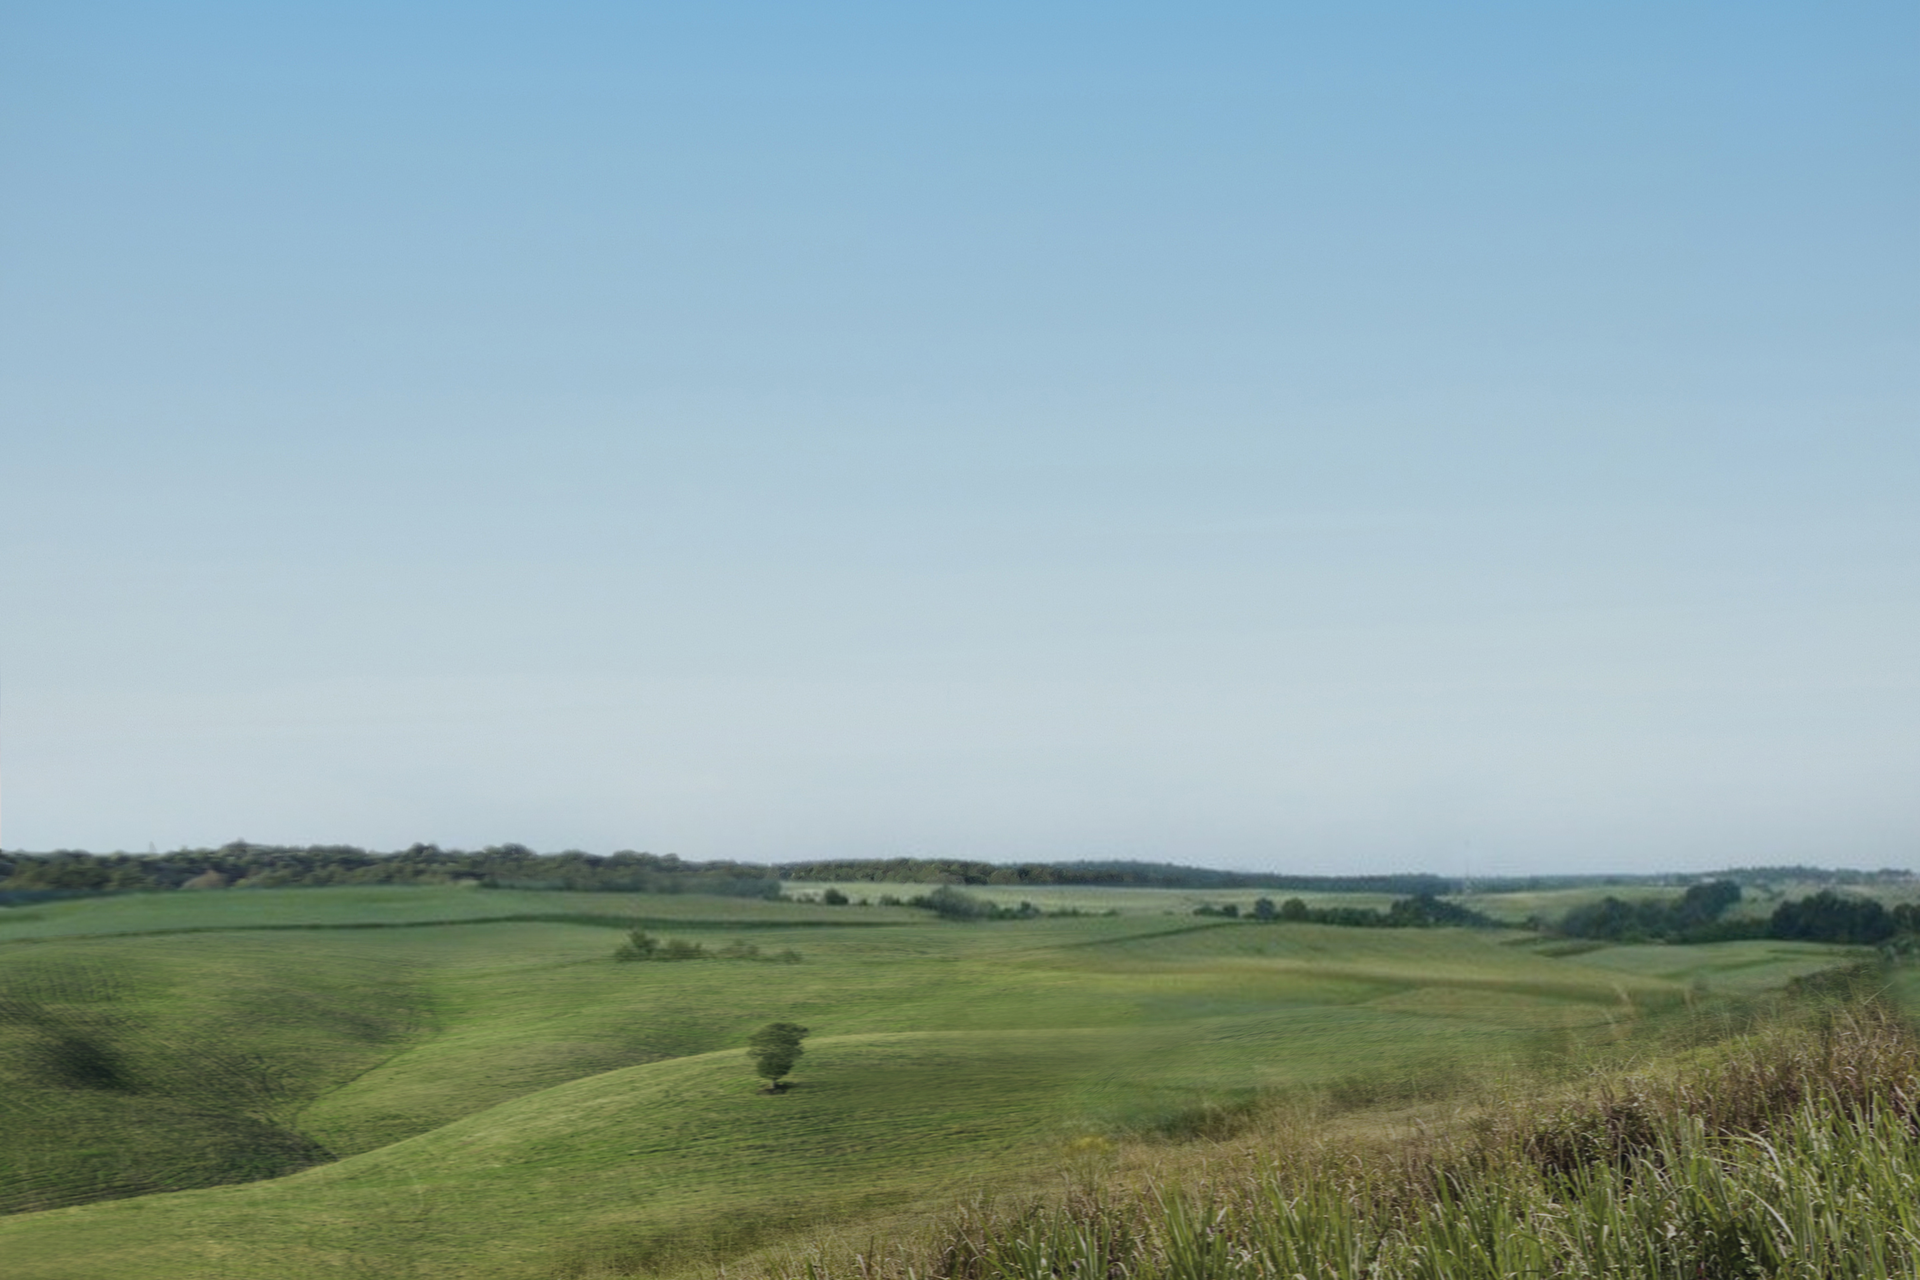 Na zdjęciu rozległy, lekko pofalowany teren rolniczy.